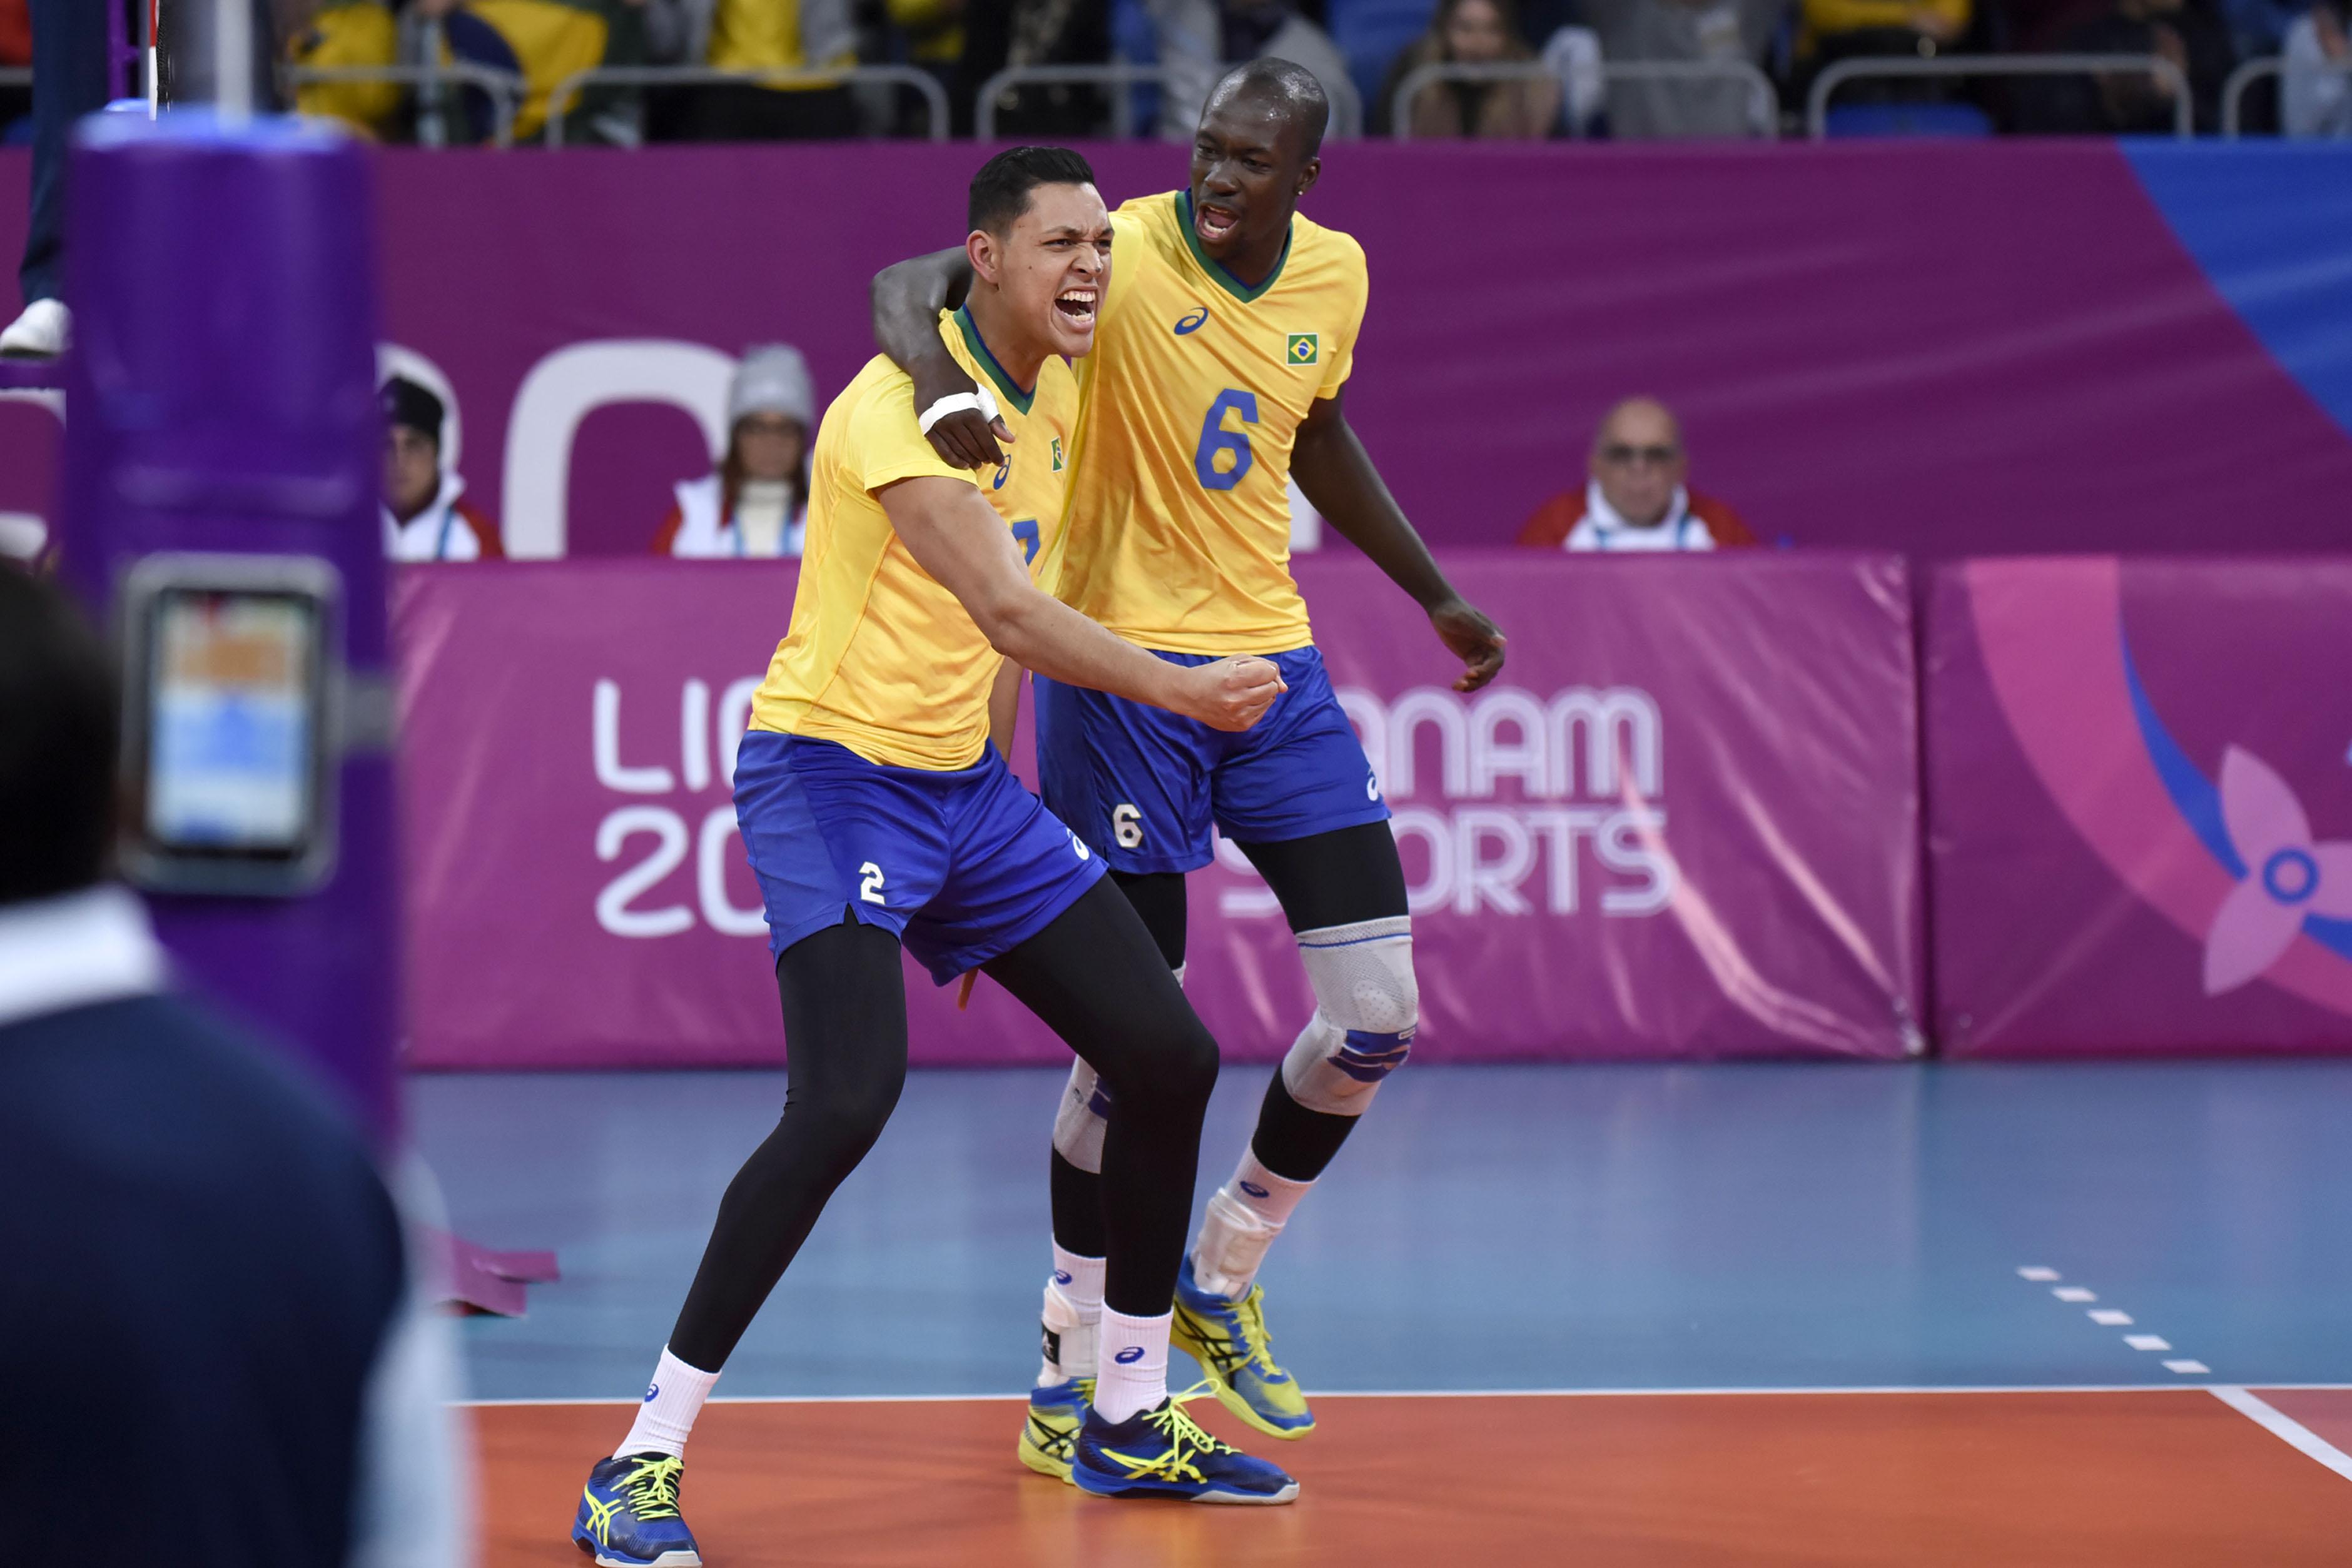 Seleção brasileira vence o Chile e soma dois resultados positivos